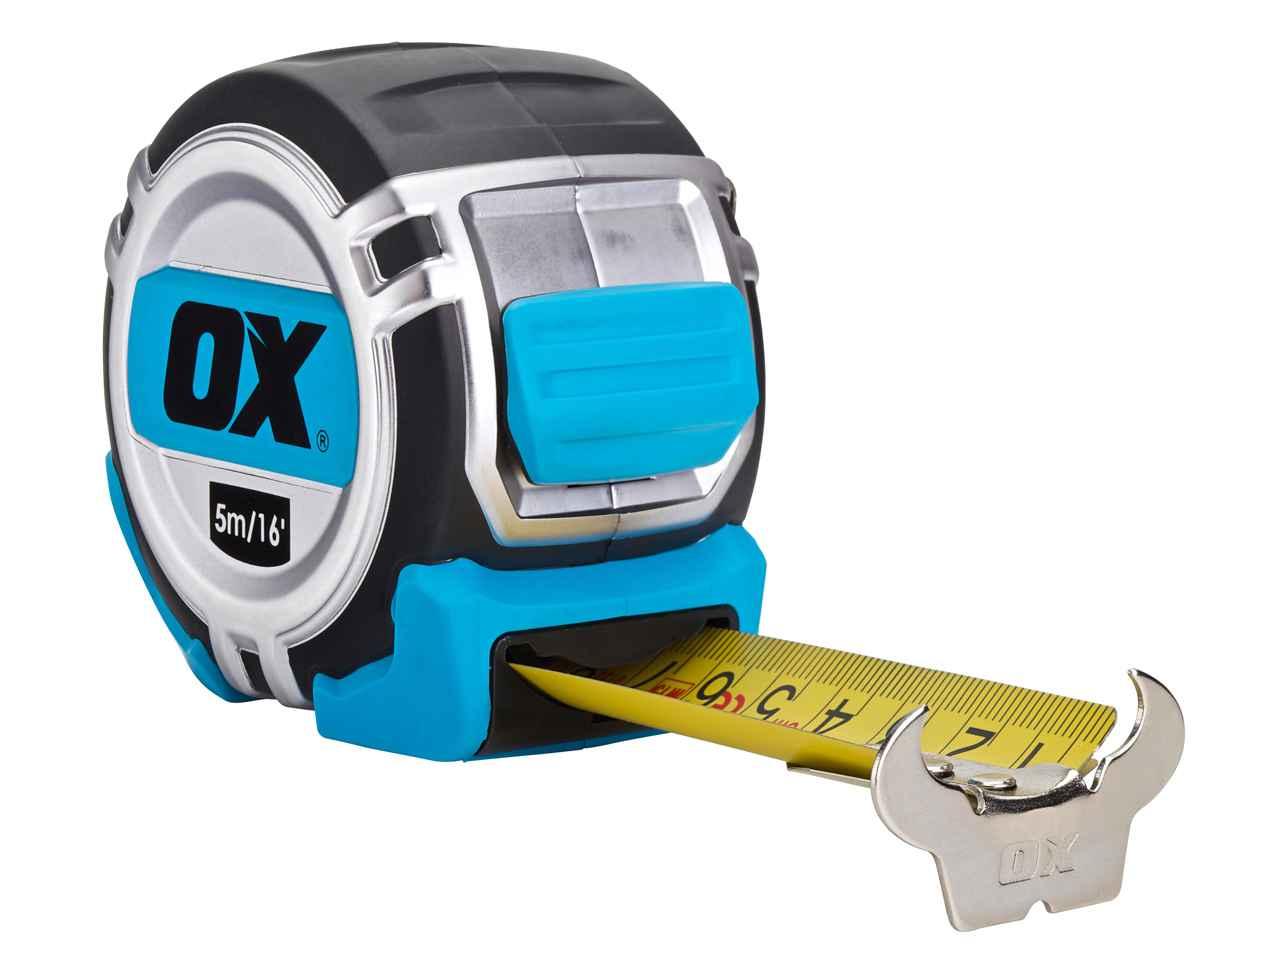 OX1_P028905v2.jpg